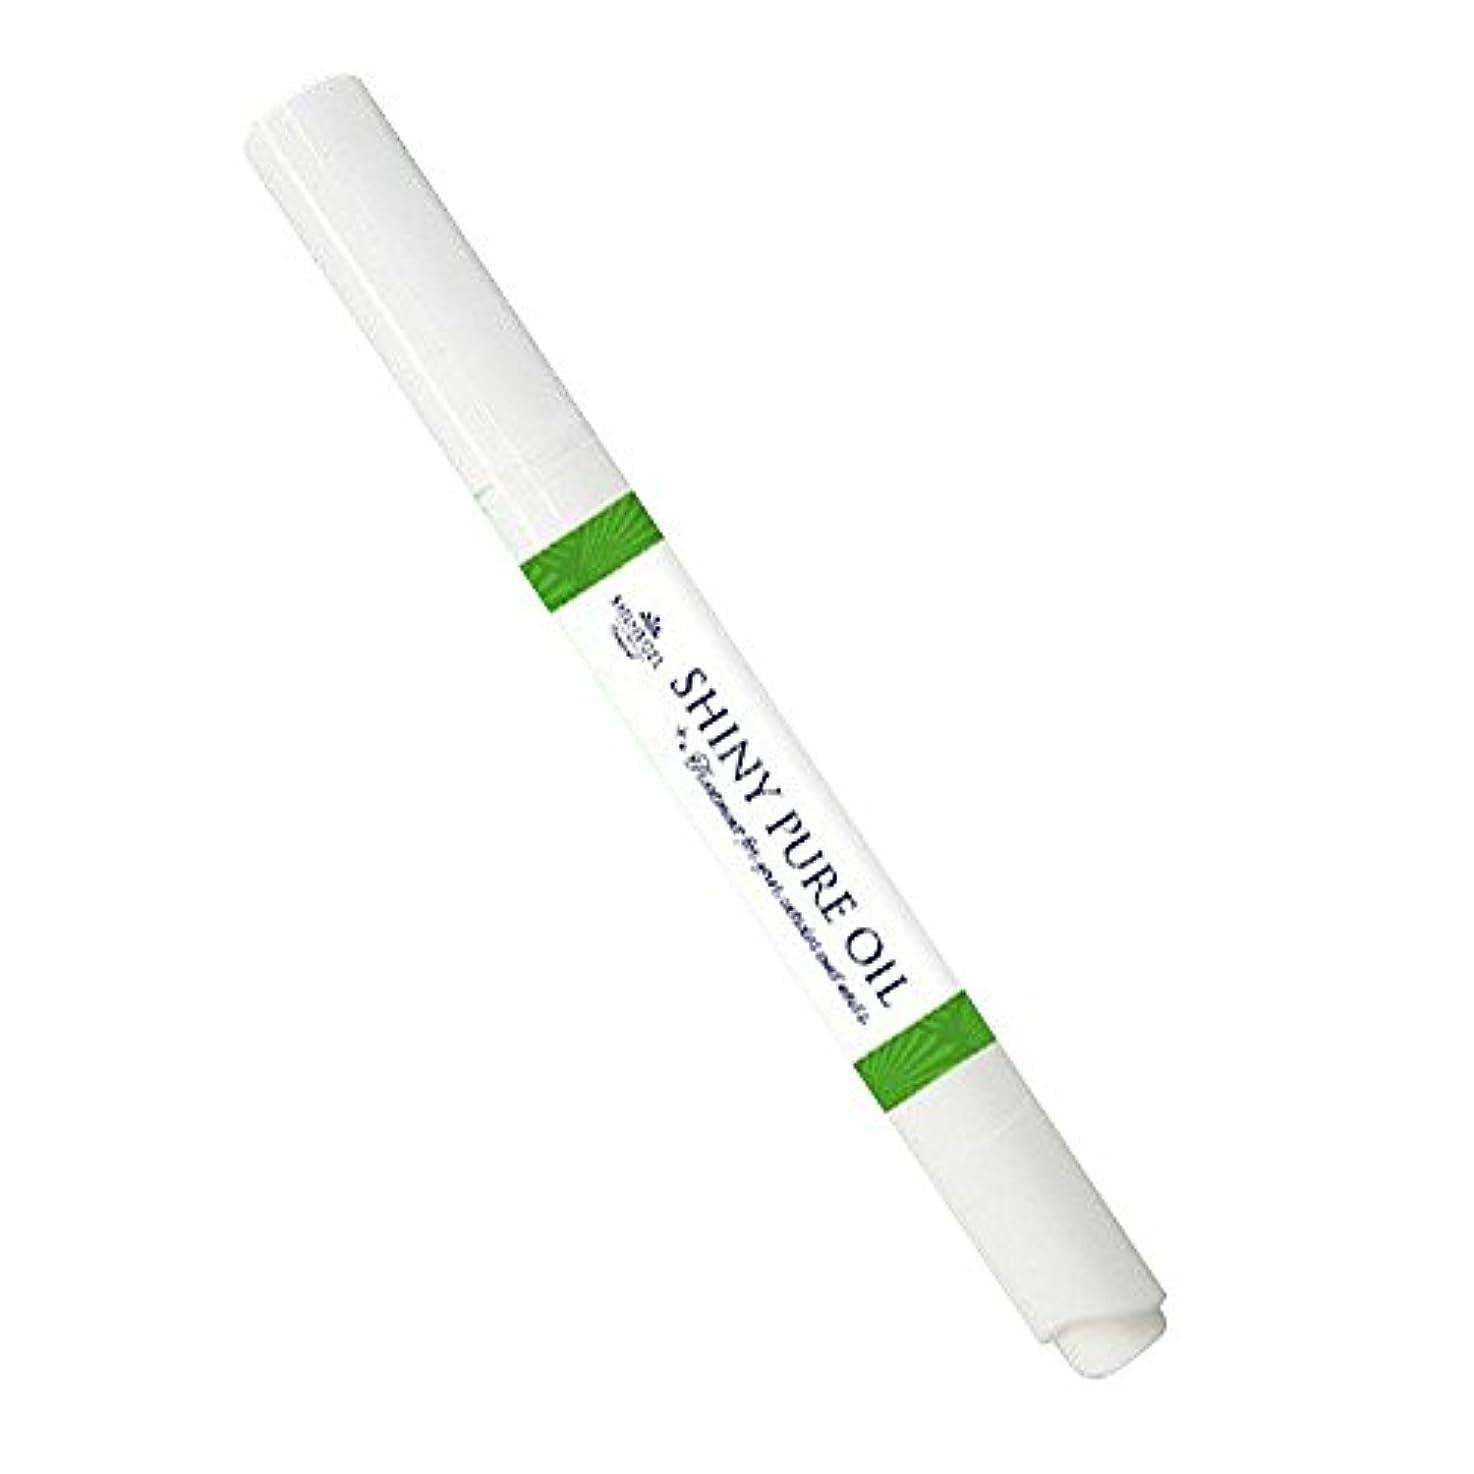 フィルタ熟考する優雅なSHINY GEL シャイニーピュアオイル ペンタイプ 2.5ml キューティクルオイル